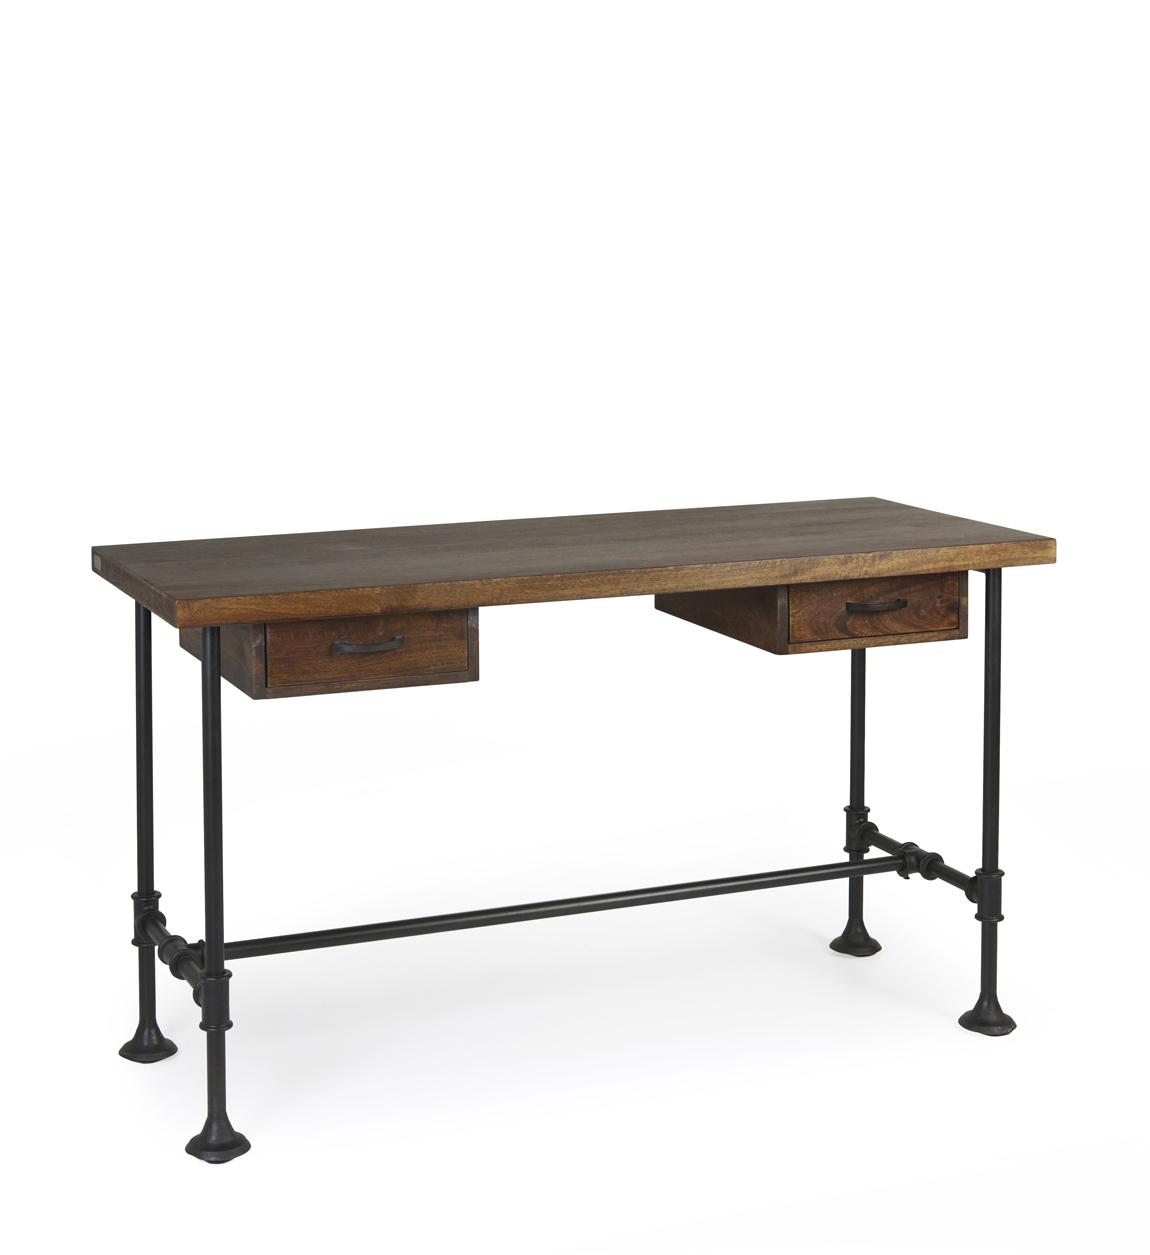 Bureau en bois marron et fer noir L 135 cm